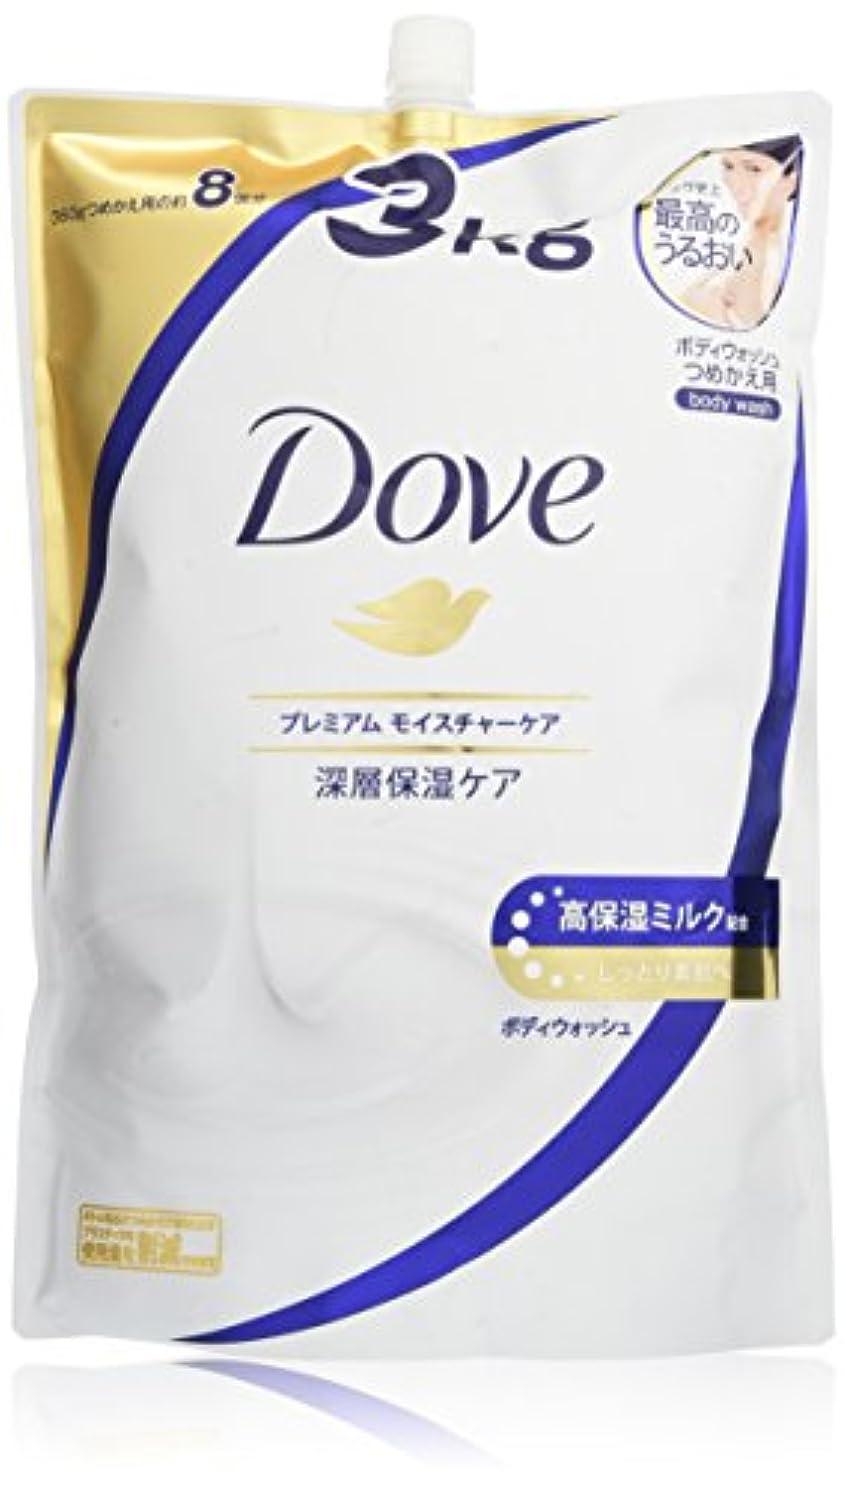 検索通知完璧Dove ダヴ ボディウォッシュ プレミアム モイスチャーケア つめかえ用 3kg